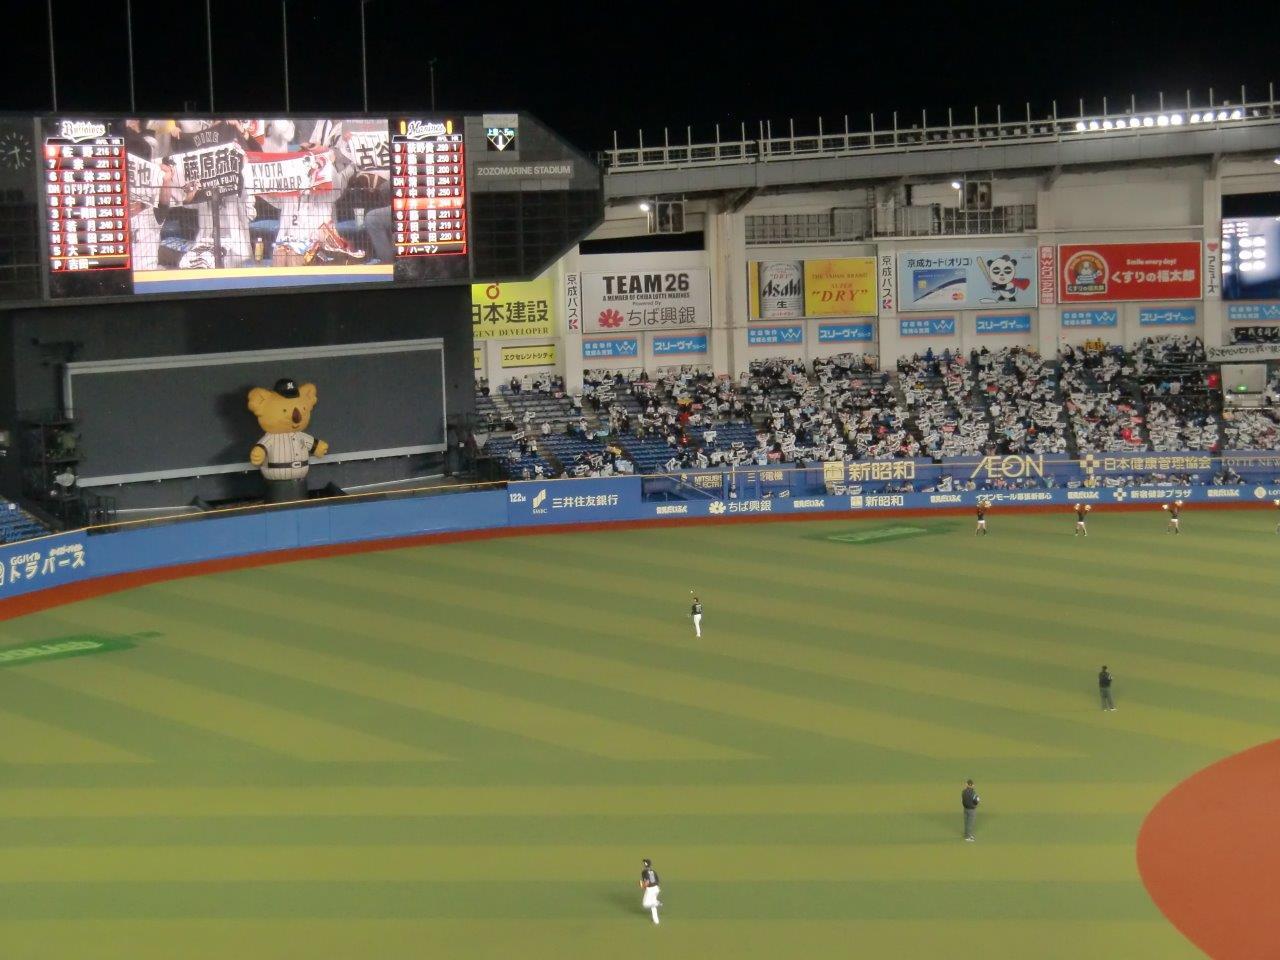 9/3(金)17時45分 千葉ロッテ対北海道日本ハム ZOZOマリンスタジアム 2021年パ・リーグ公式戦の画像